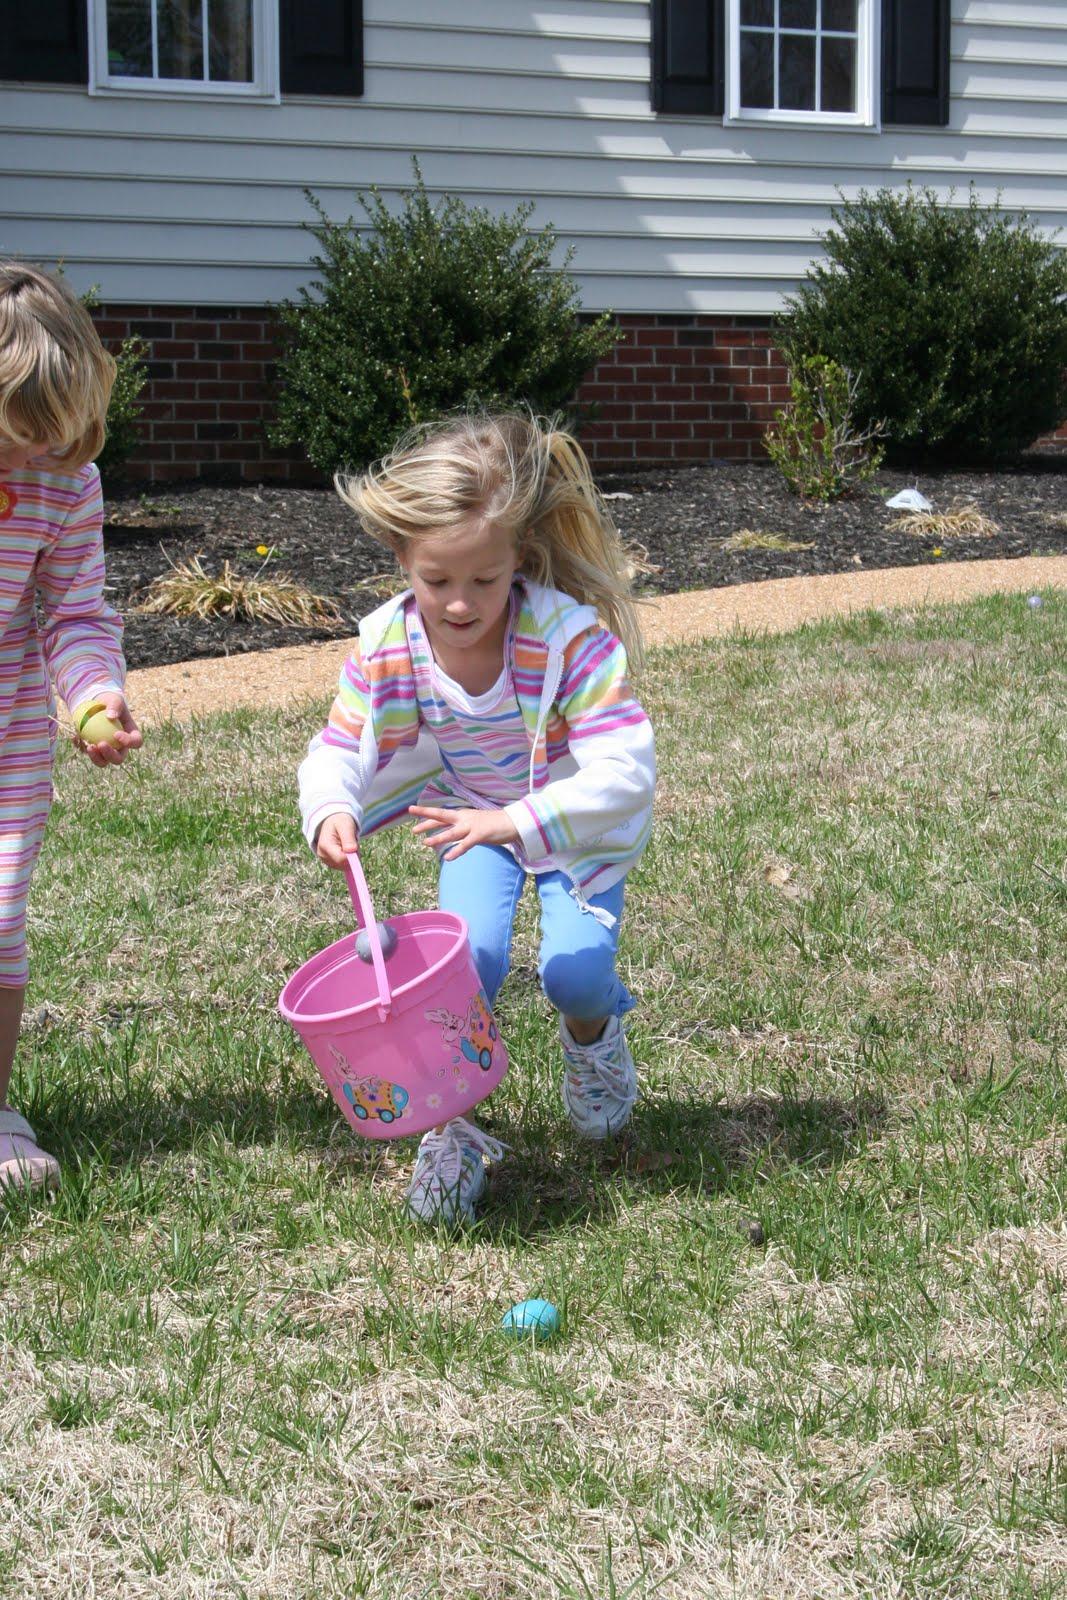 Lukitsch Family Chronicles Neighborhood Easter Egg Hunts